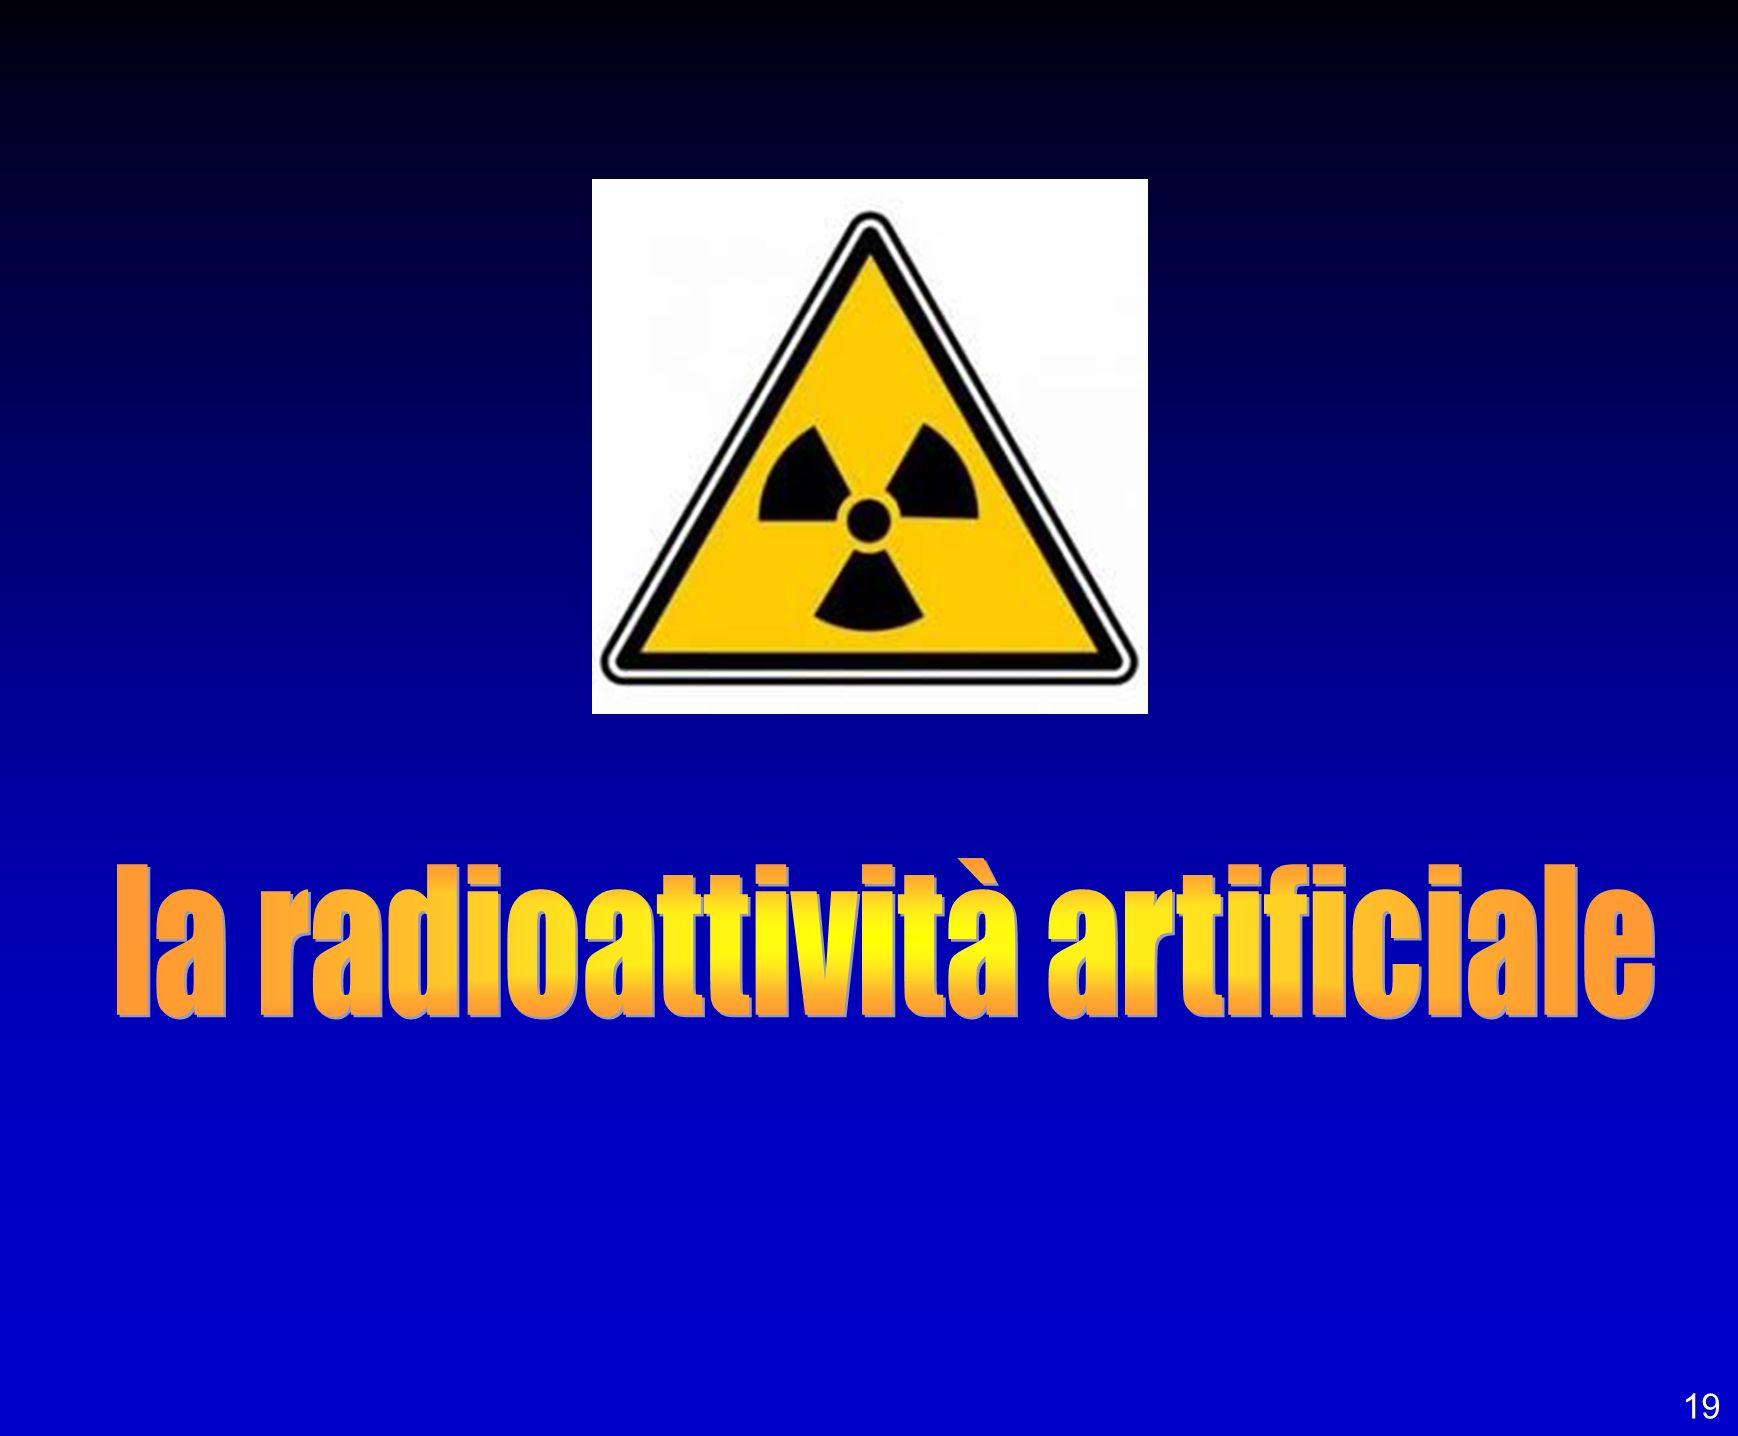 la radioattività artificiale